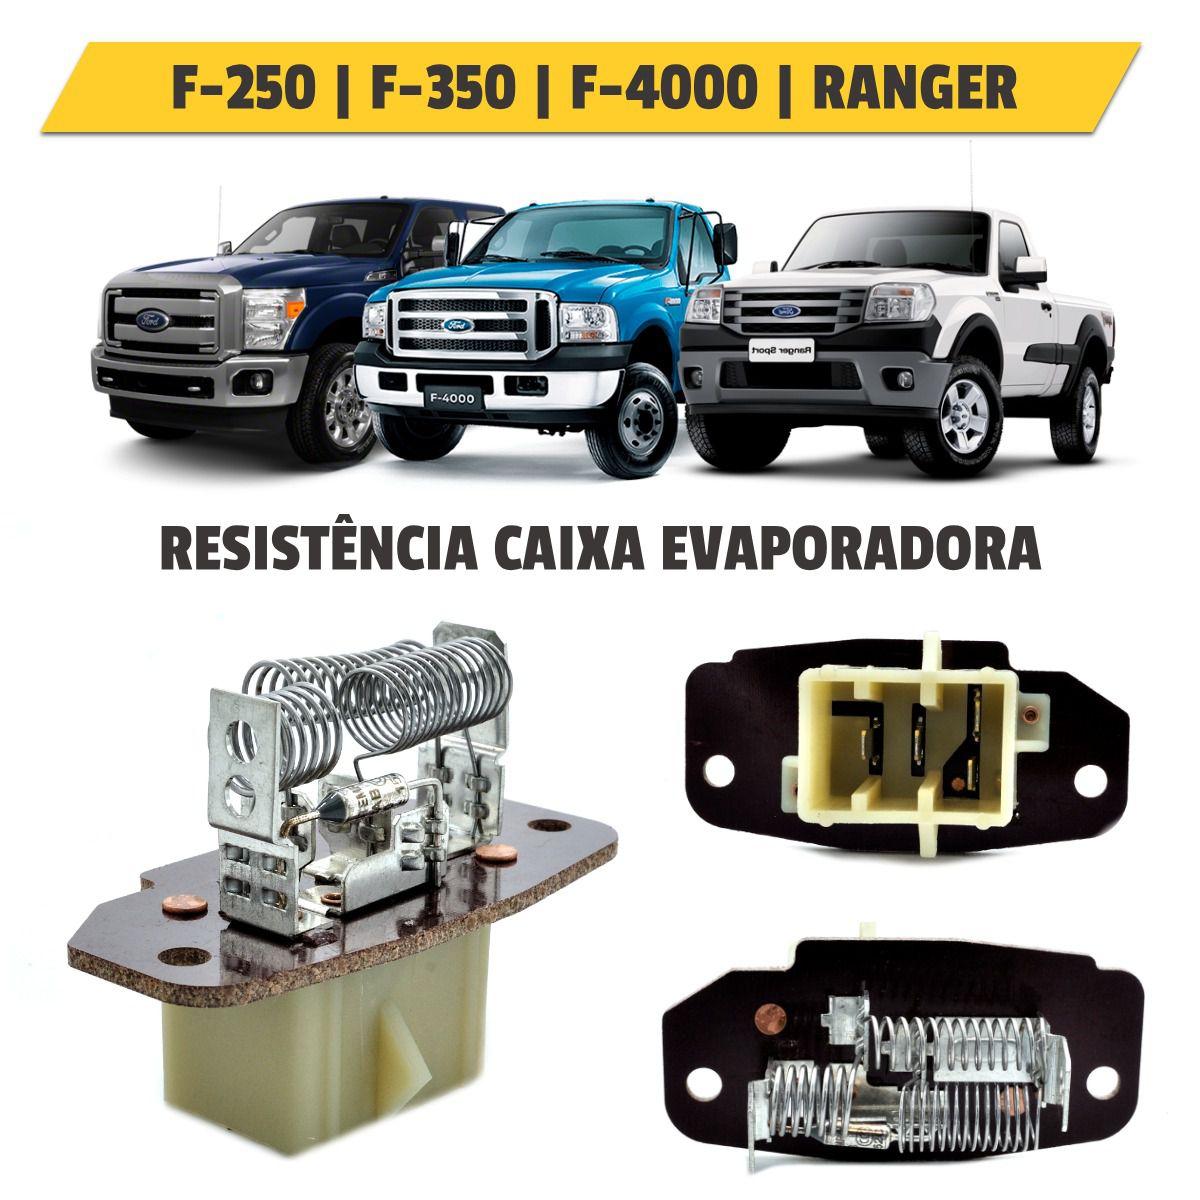 Resistência da Caixa Evaporadora Ford F-250, F350, F4000, Ranger - 420038